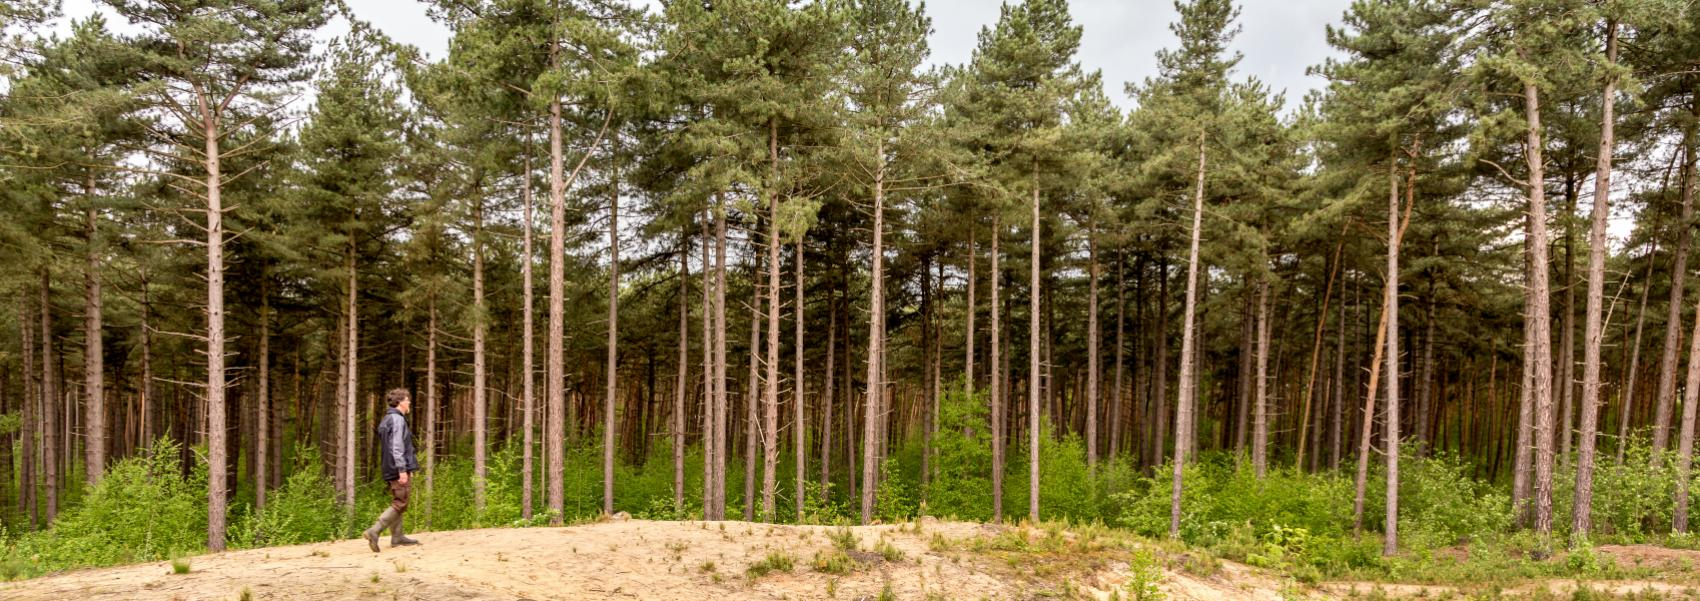 zicht op het zand en de bomen